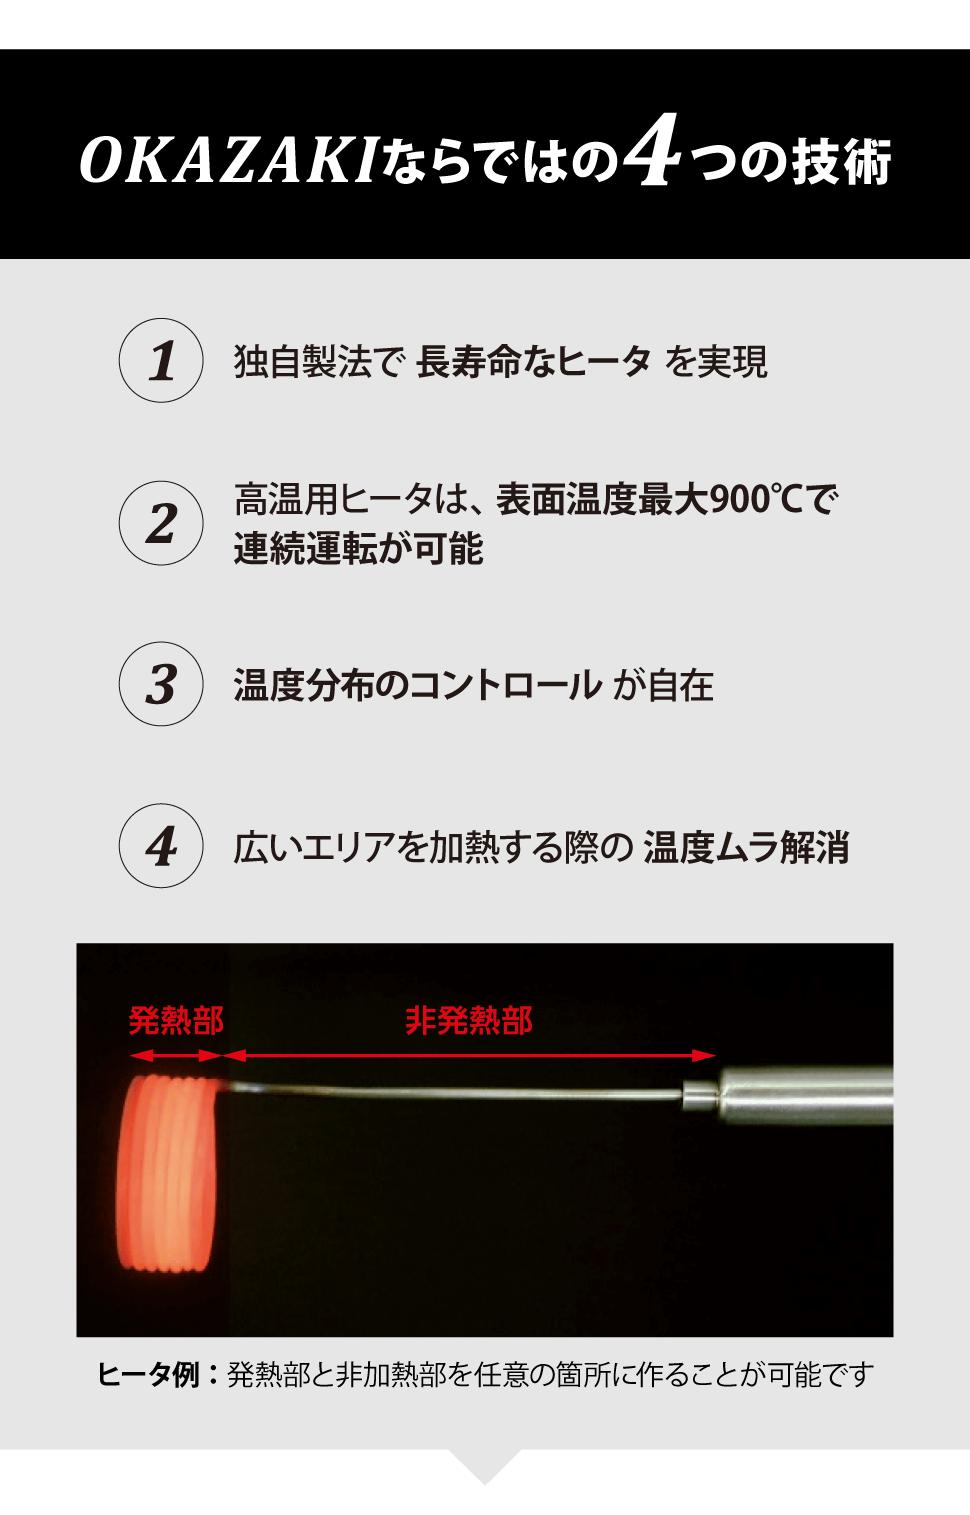 OKAZAKIならではの4つの技術 1.独自製法で⻑寿命なヒータを実現 2.高温用ヒータは、表面温度最大900°Cで連続運転が可能 3.温度分布のコントロールが自在 4.広いエリアを加熱する際の温度ムラ解消 ヒータ例:発熱部と非加熱部を任意の箇所に作ることが可能です